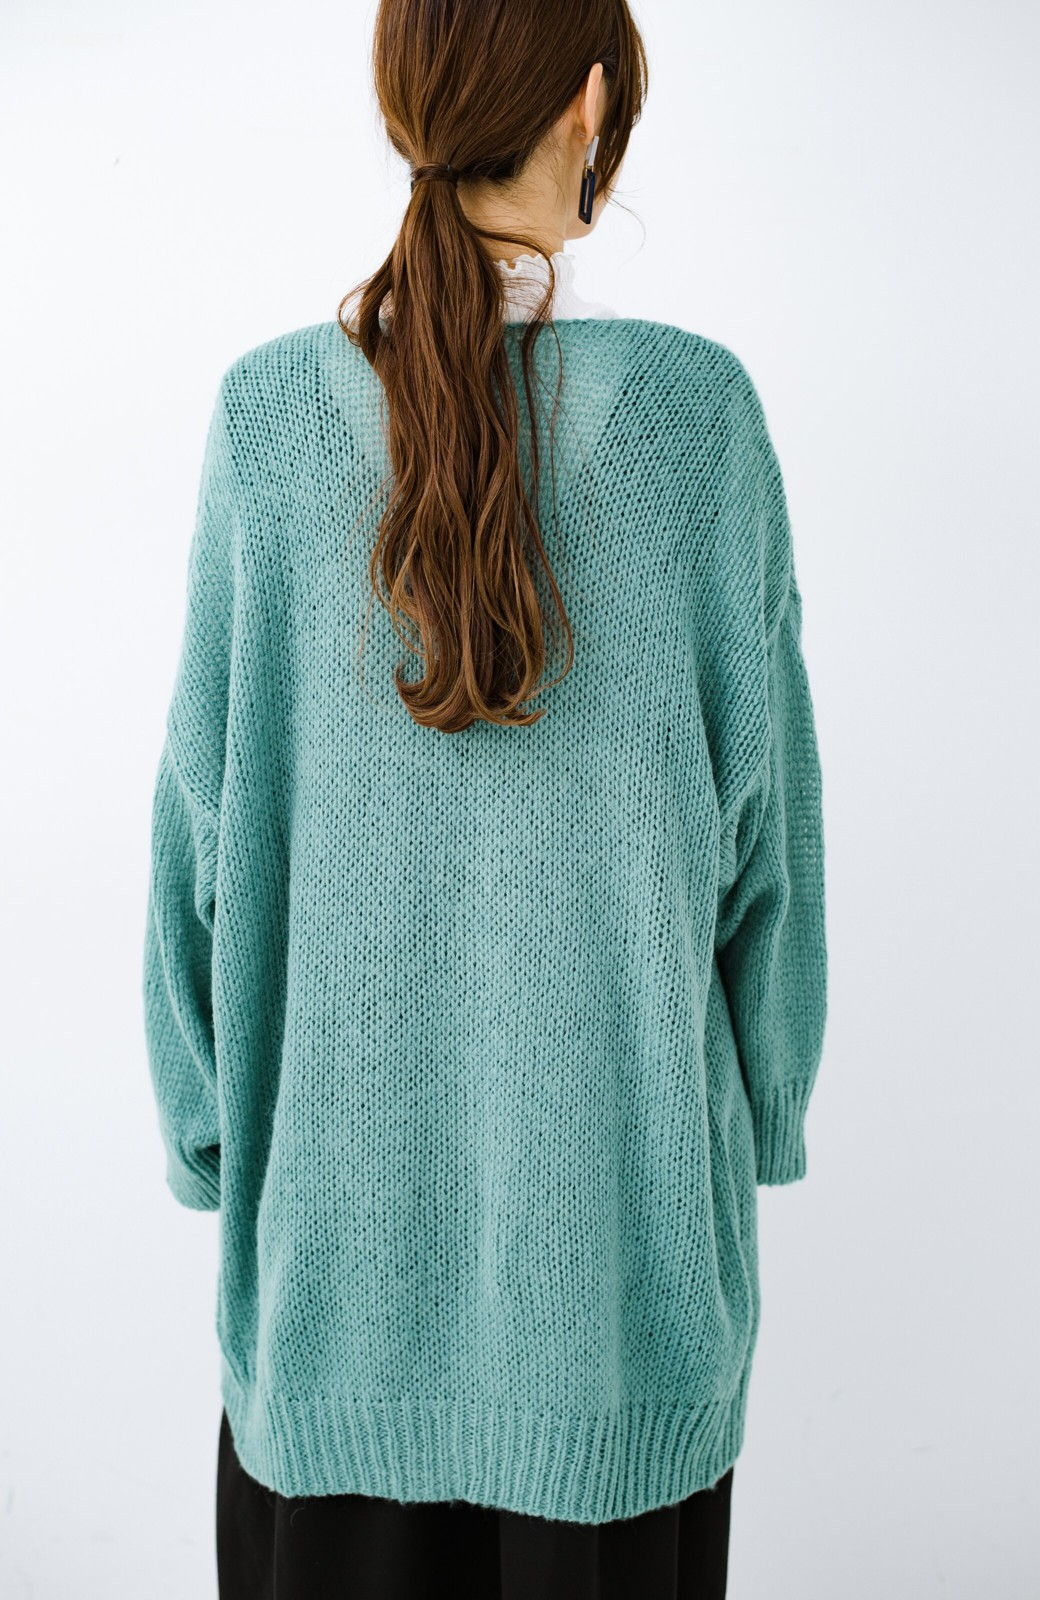 haco! ゆるゆるゆる編みで軽やかにかわいくなれる 前後ろ2WAYカーディガン <ミント>の商品写真17